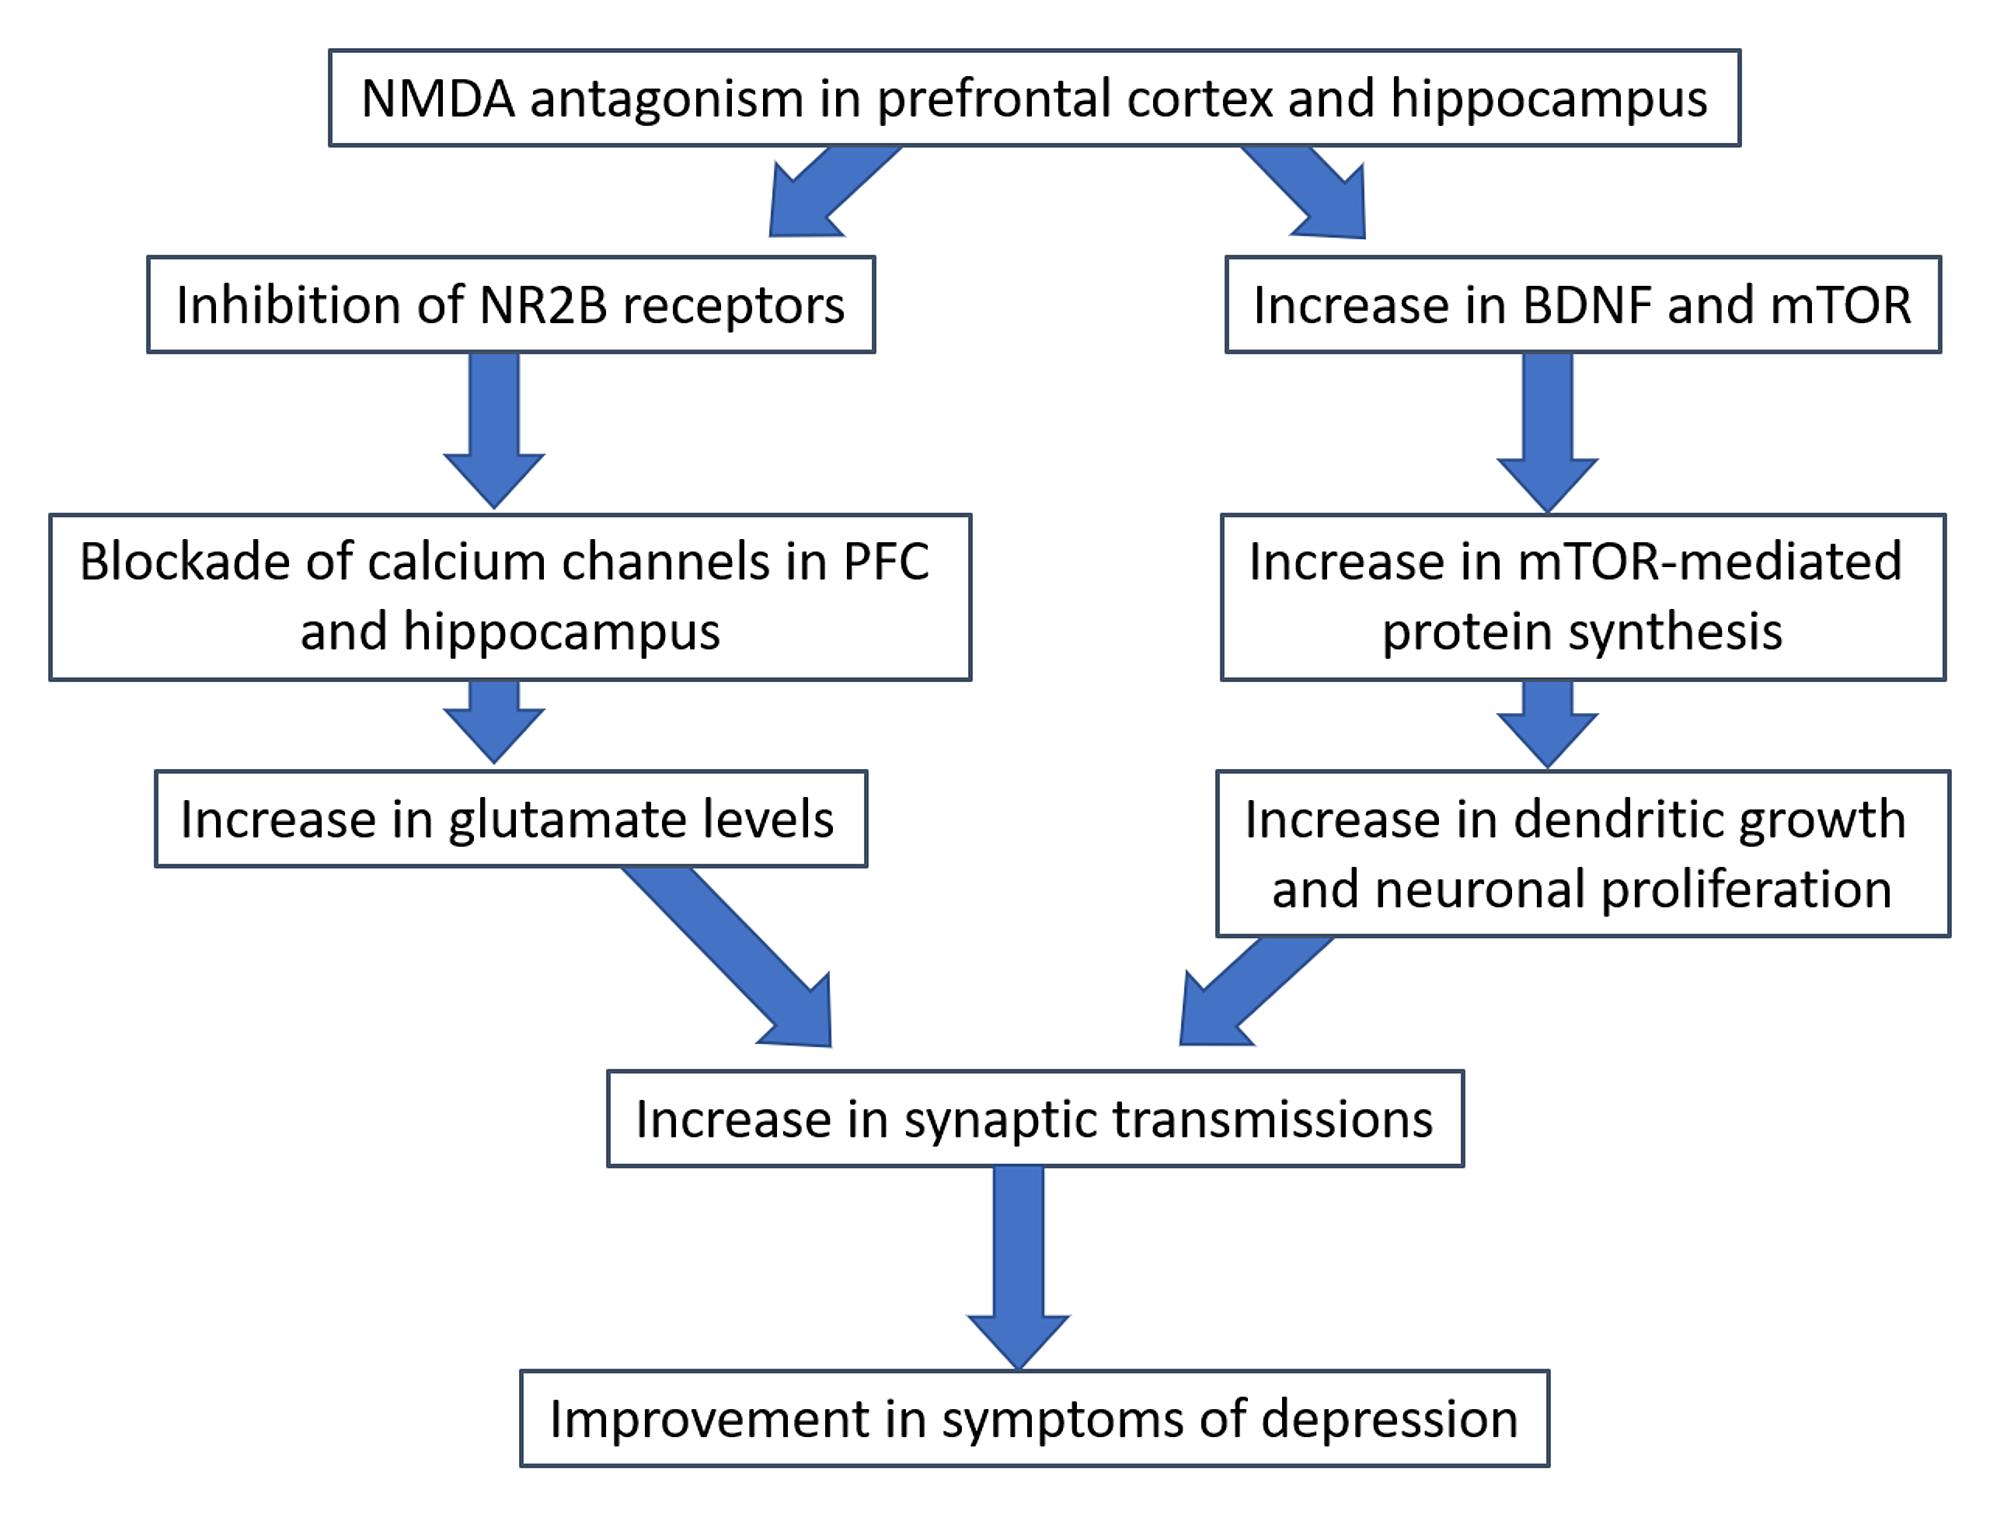 Cureus | A Review of the Mechanism of Antagonism of N-methyl